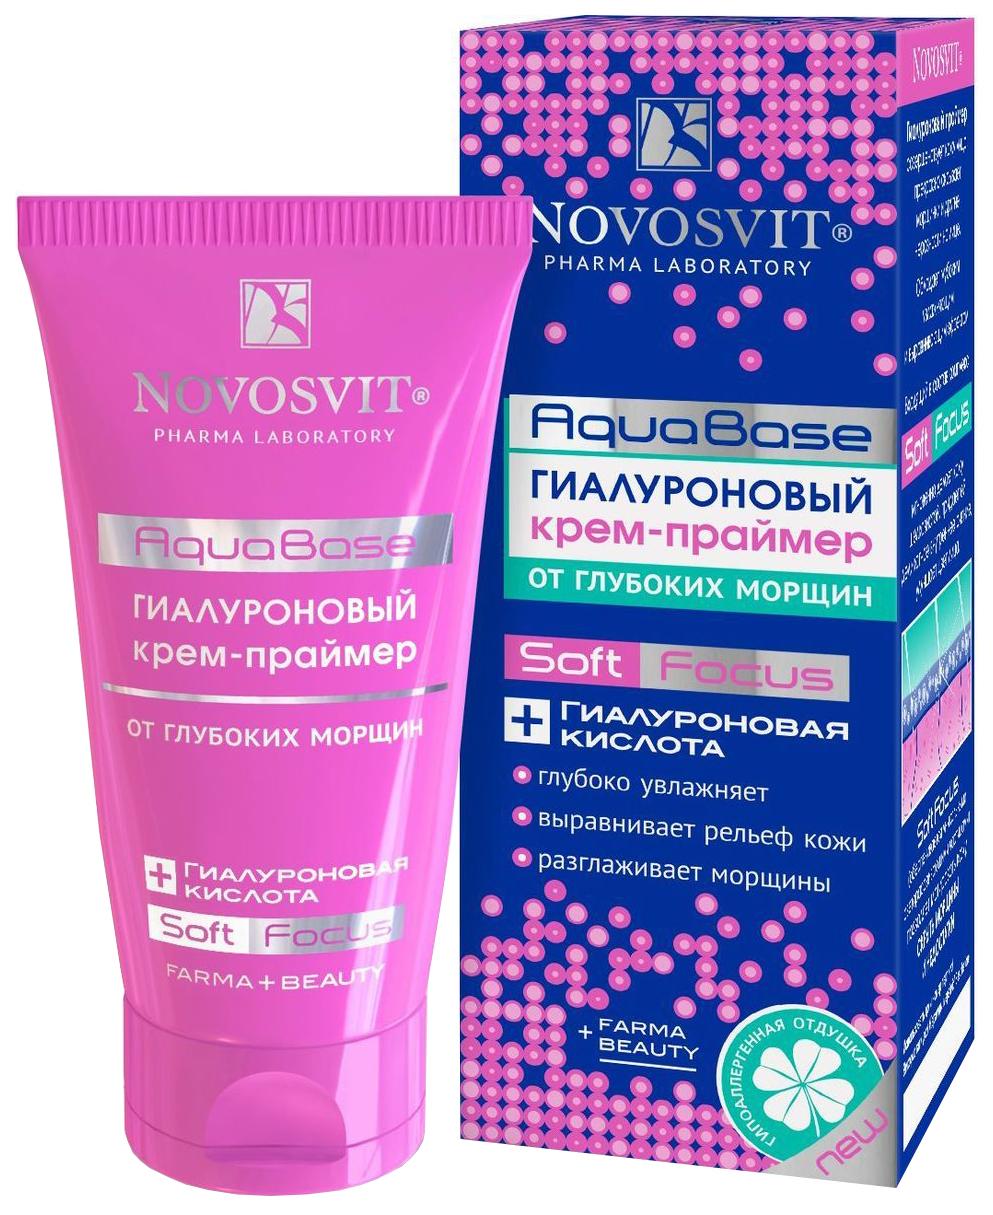 Новосвит косметика купить в новосибирске сыворотка для волос с кокосовым маслом эйвон